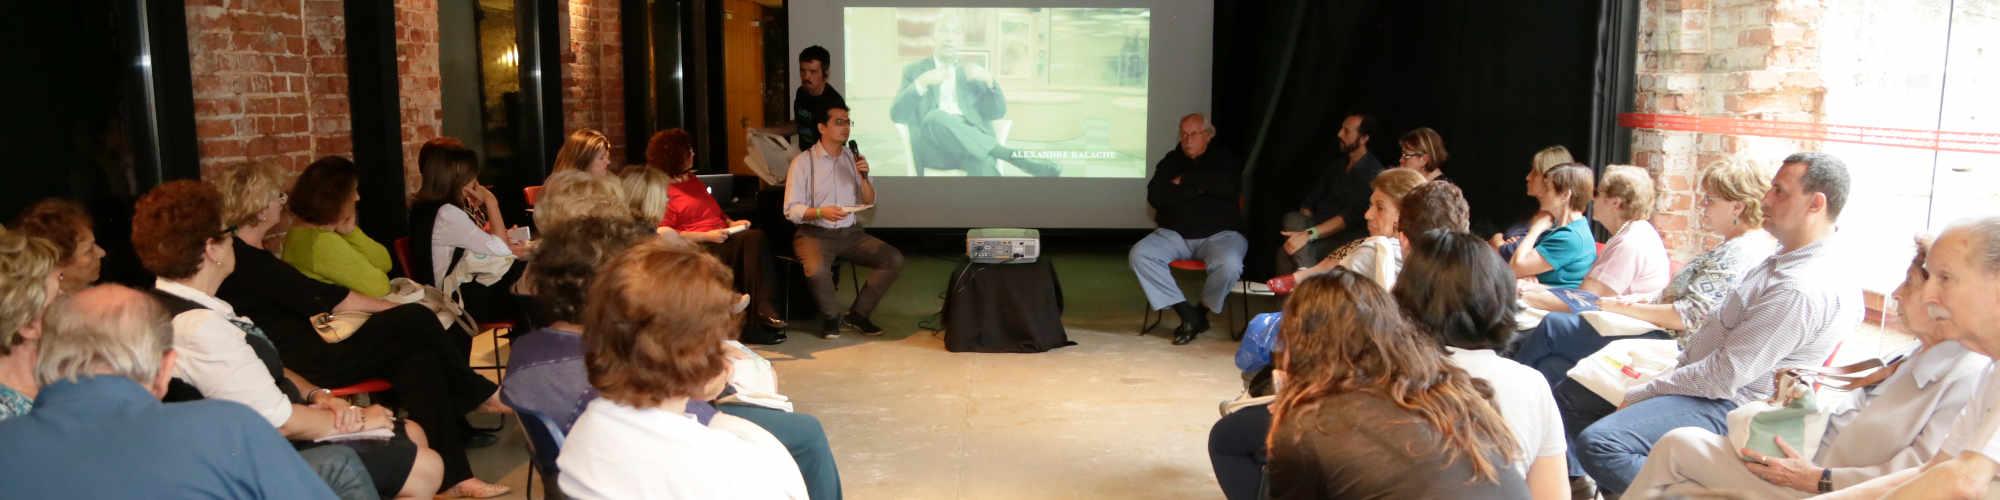 Programação do Festival Lab60+ 2018 é lançada na Unibes Cultural